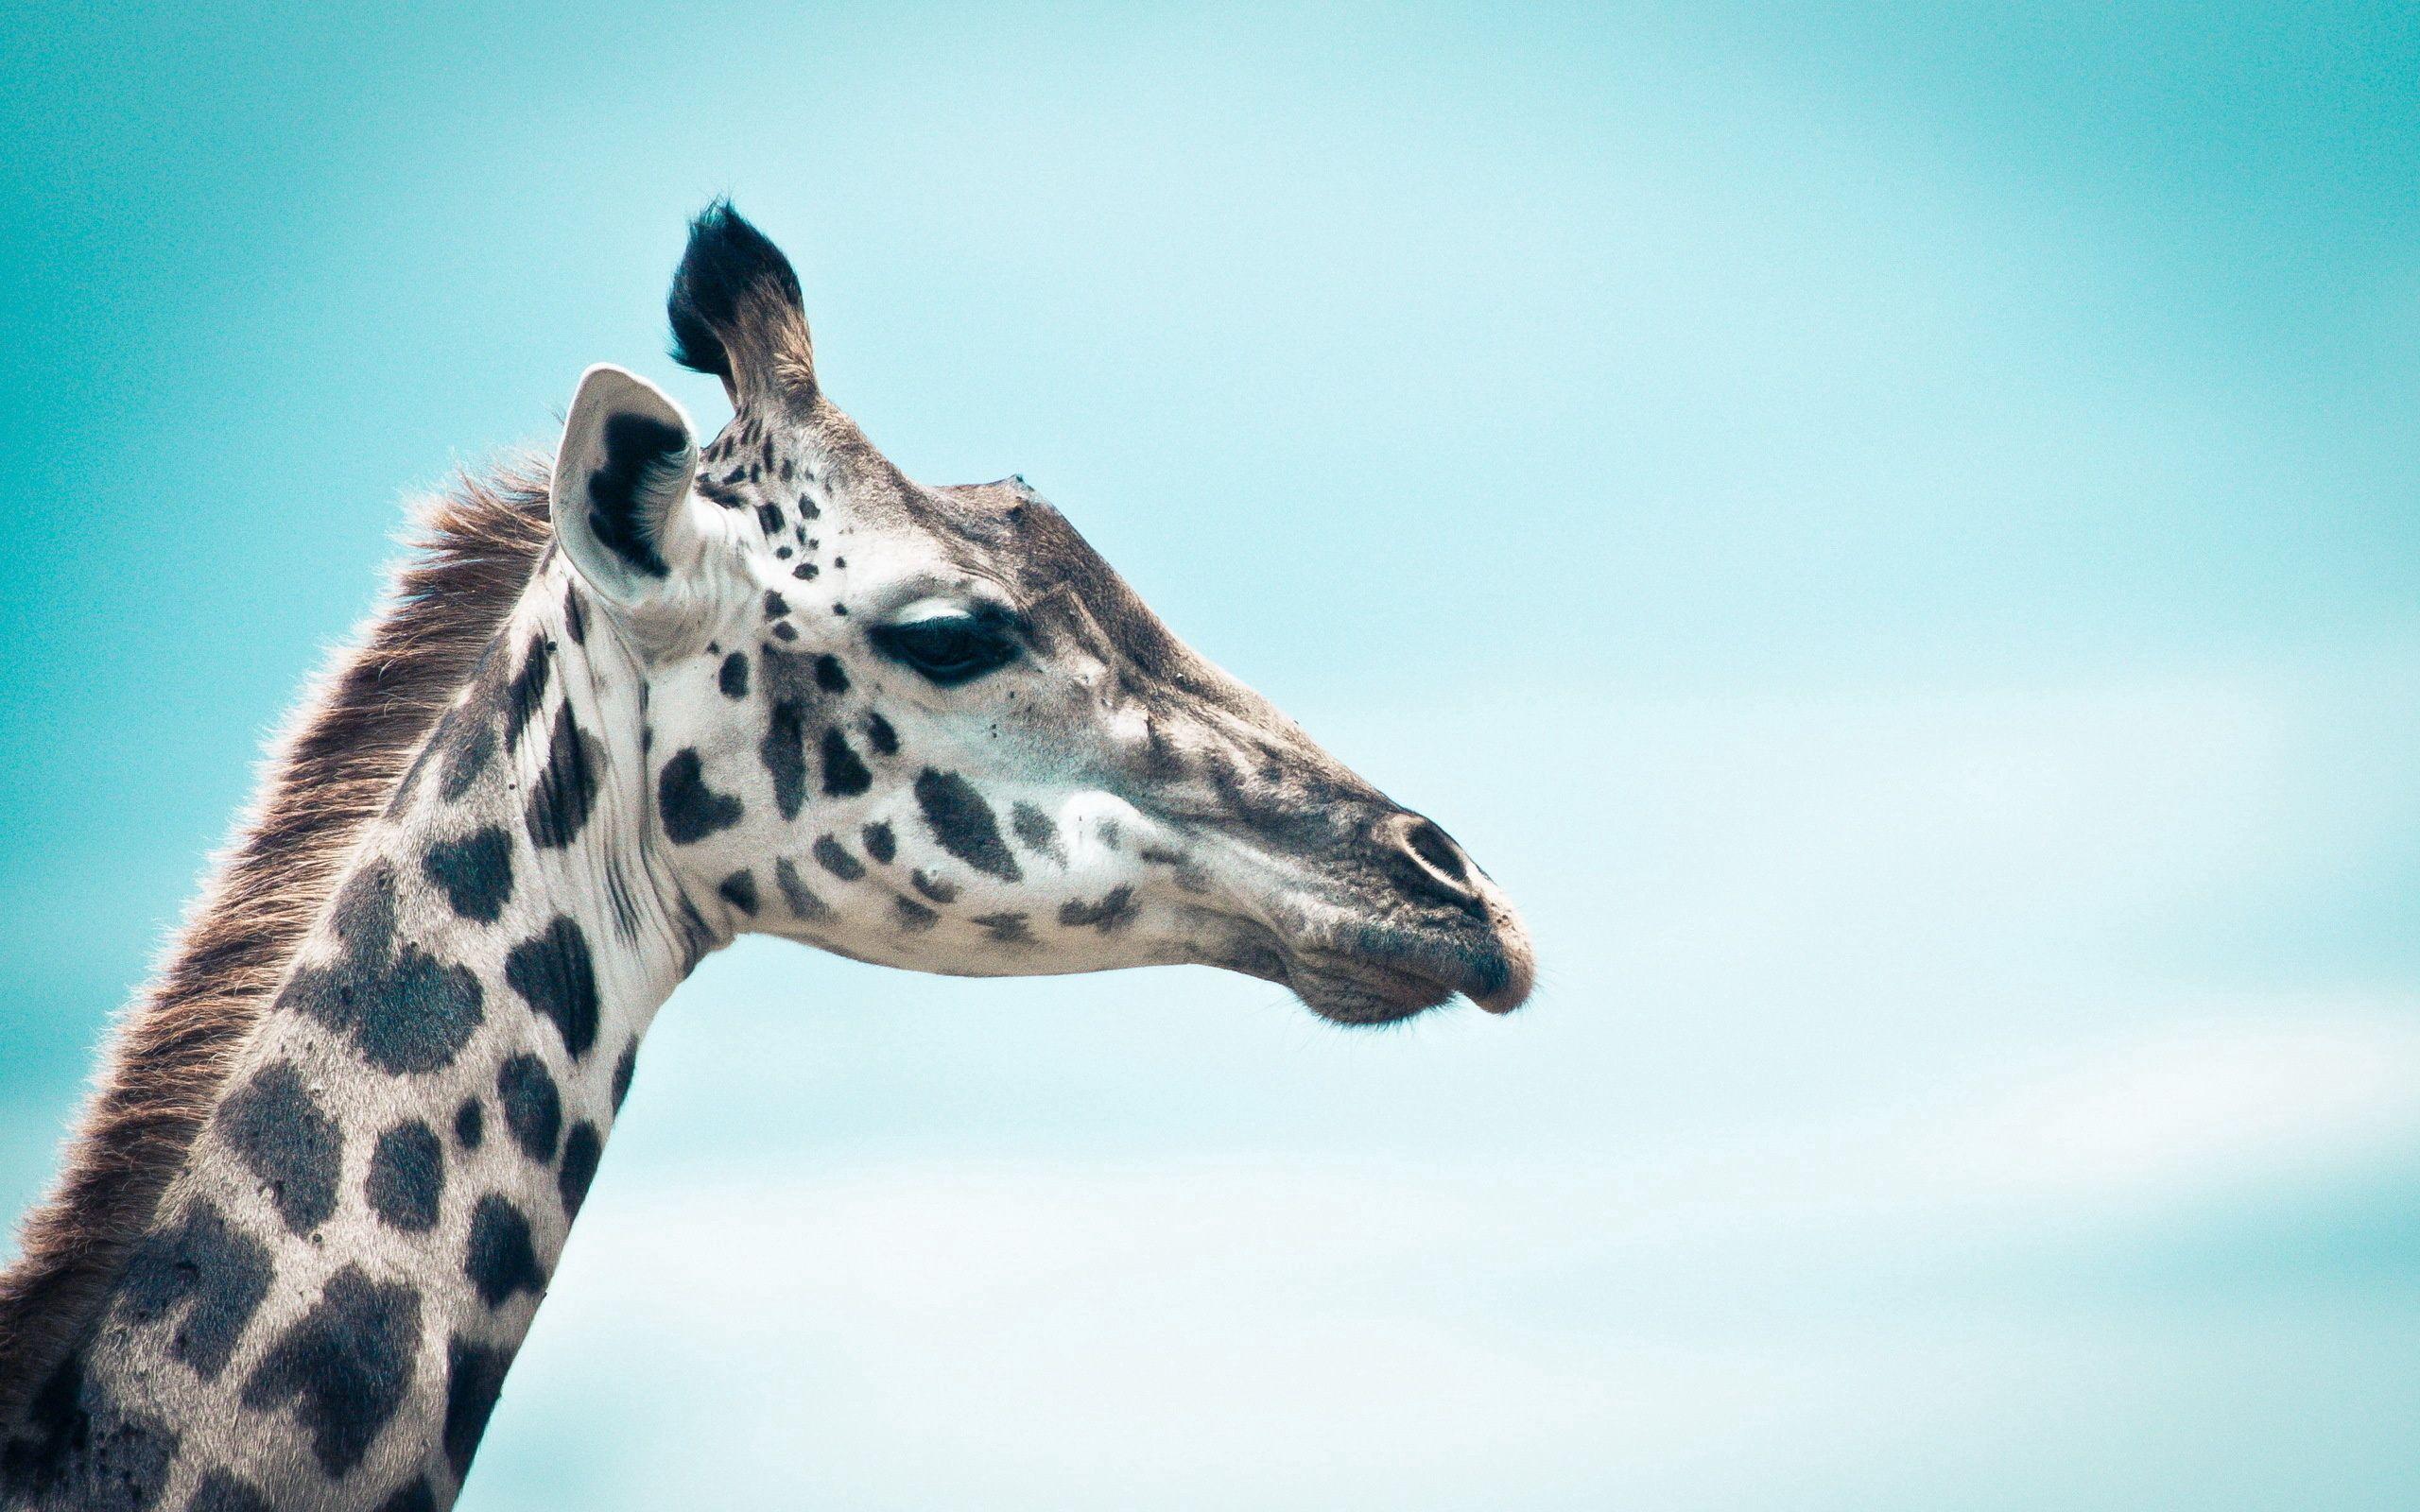 112810 скачать обои Животные, Жираф, Небо, Морда, Профиль - заставки и картинки бесплатно